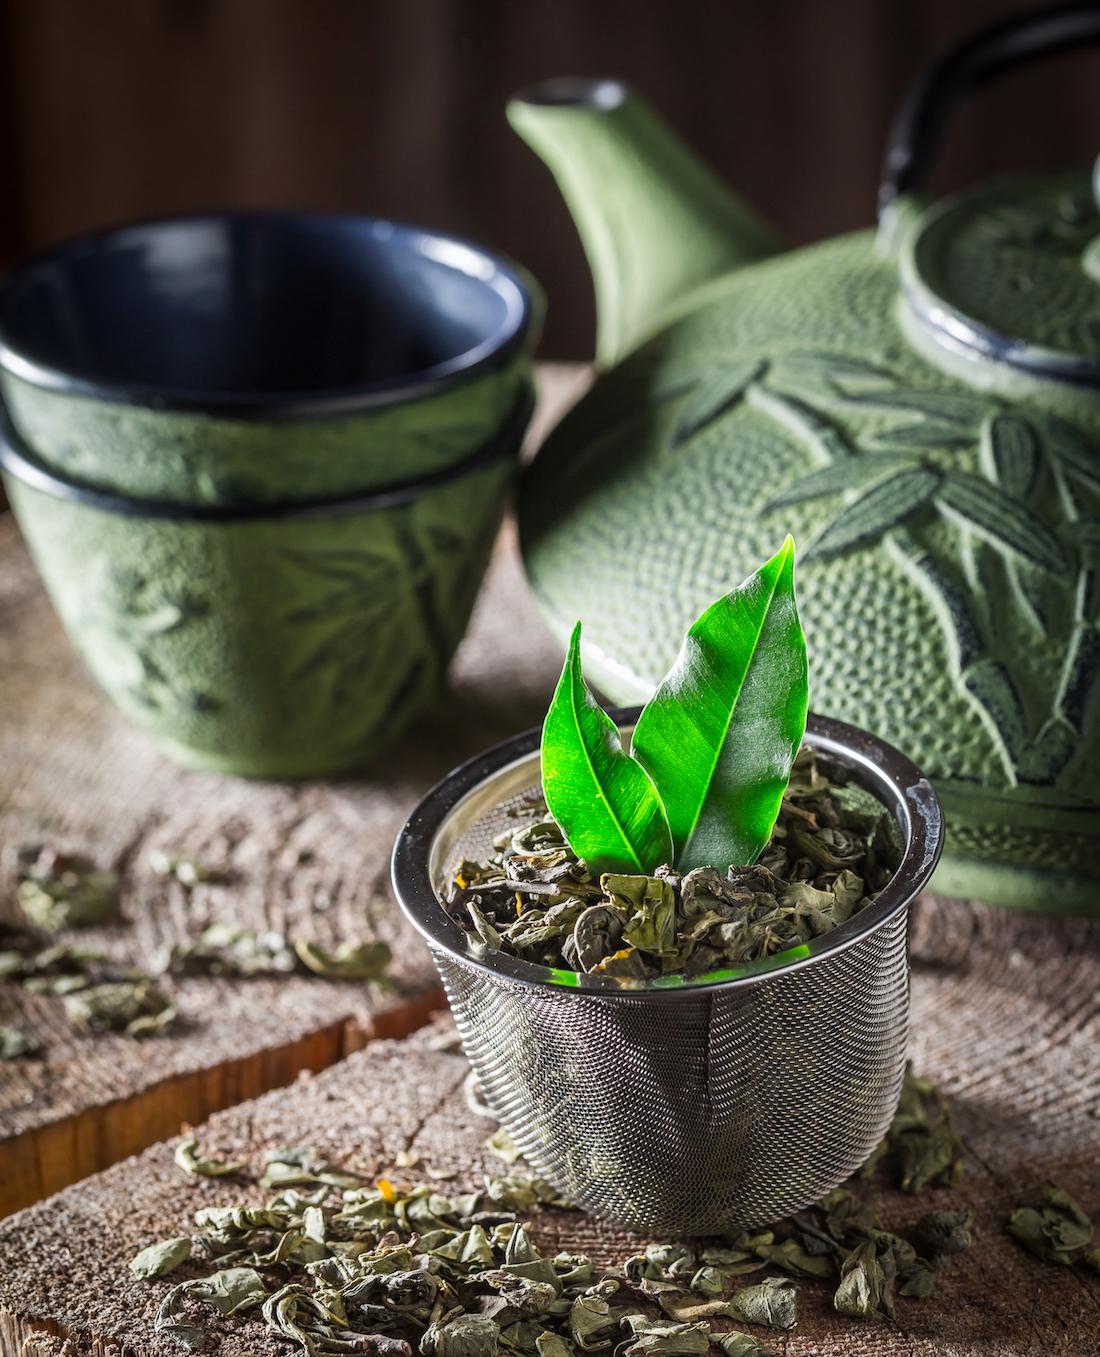 Thé vert japonais ©Shaiith shutterstock